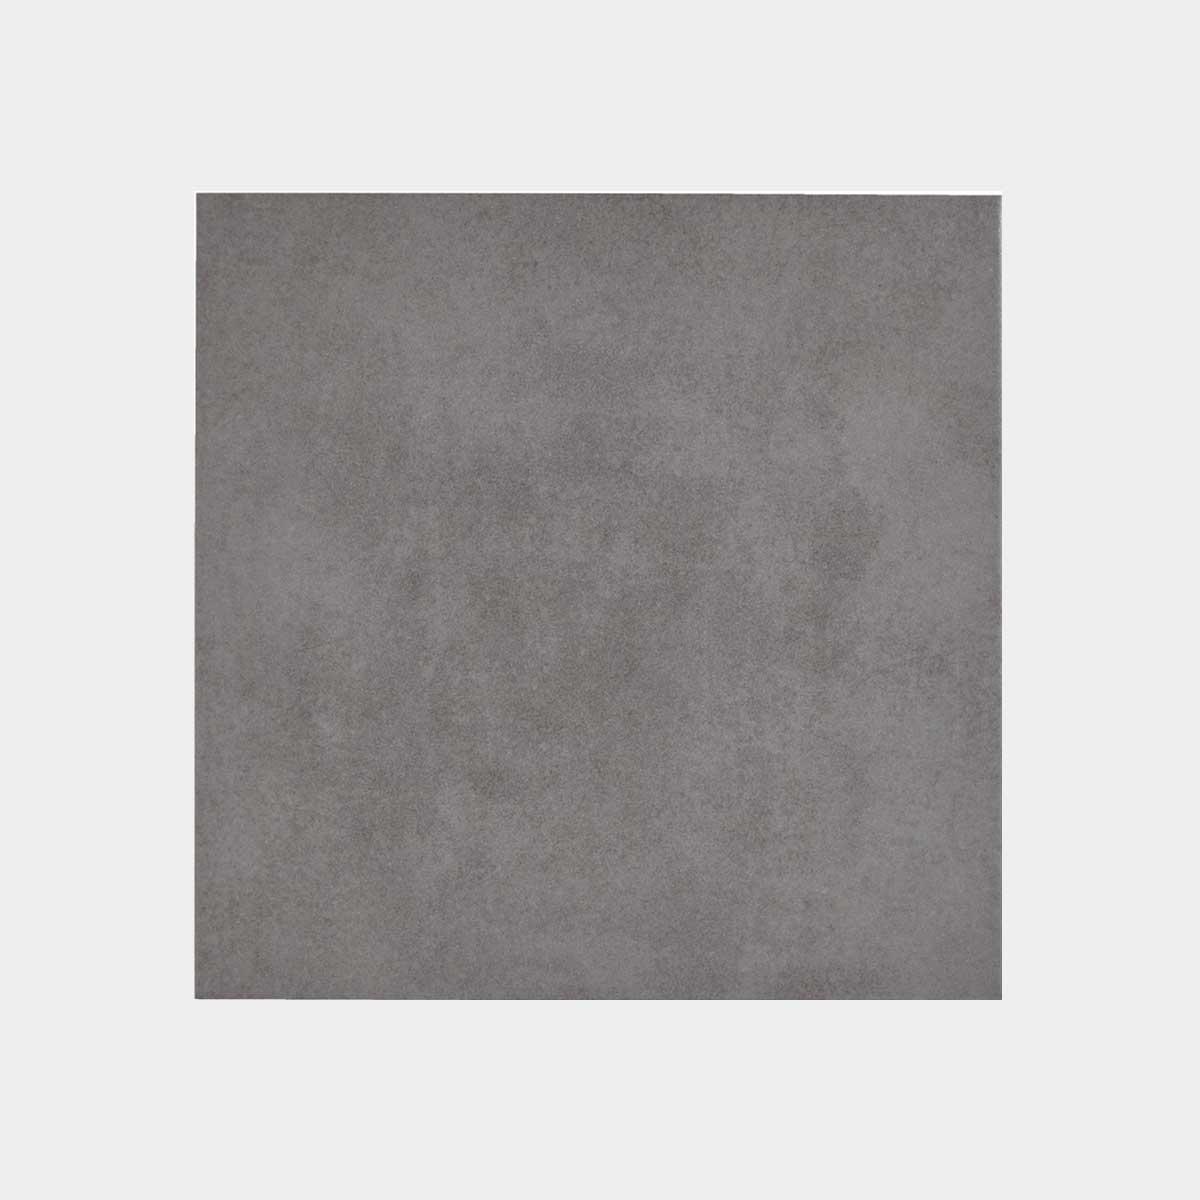 carrelage de sol intérieur gris Cimenti